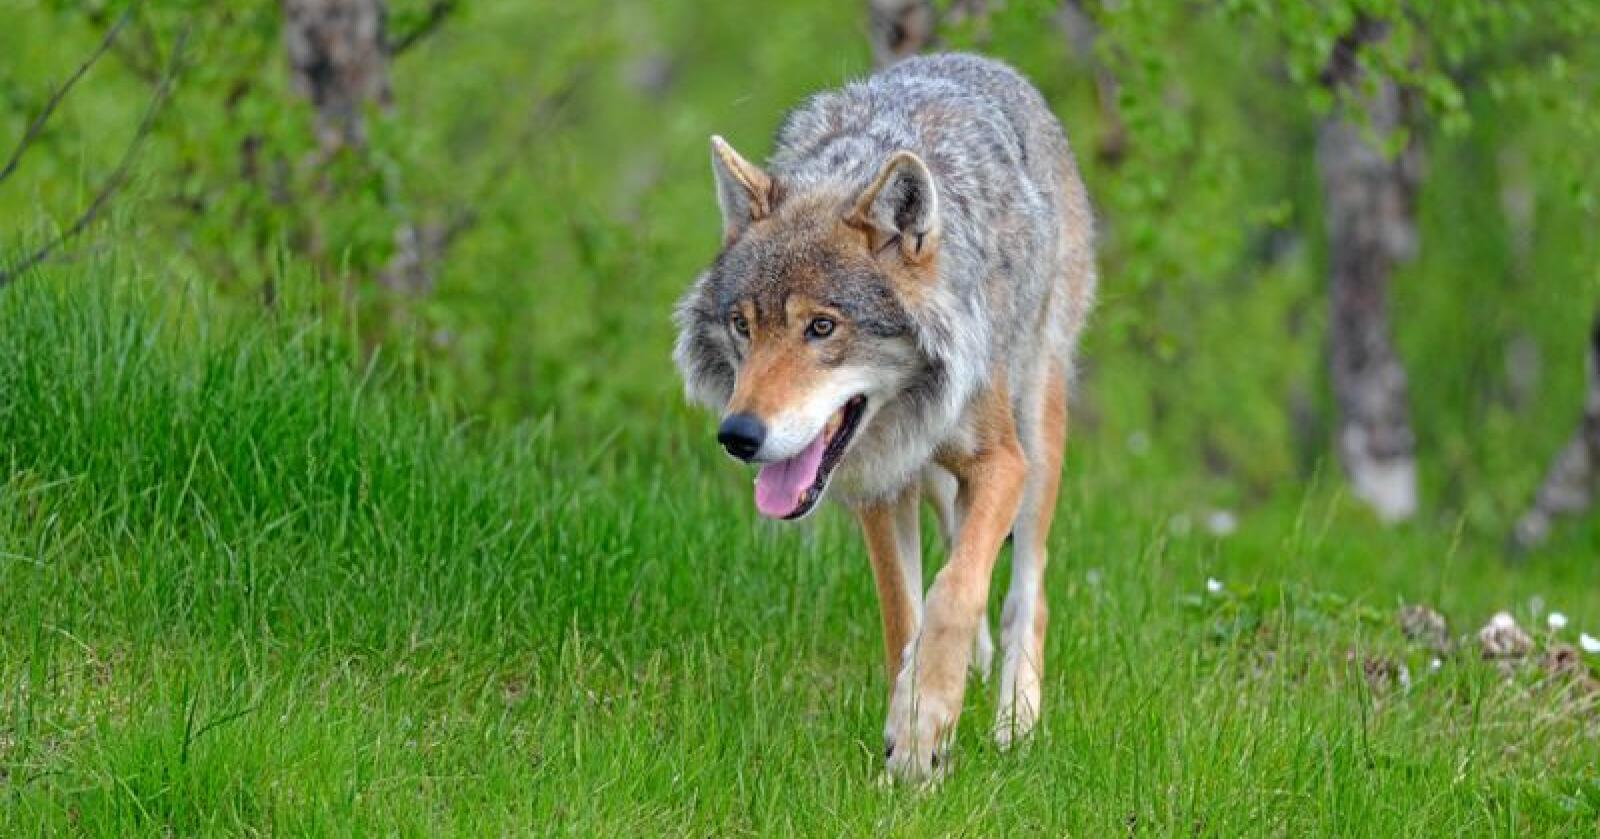 Det er gitt fellingstilatelse på en ulv i Hedmark. Illustrasjonsfoto: Colourbox